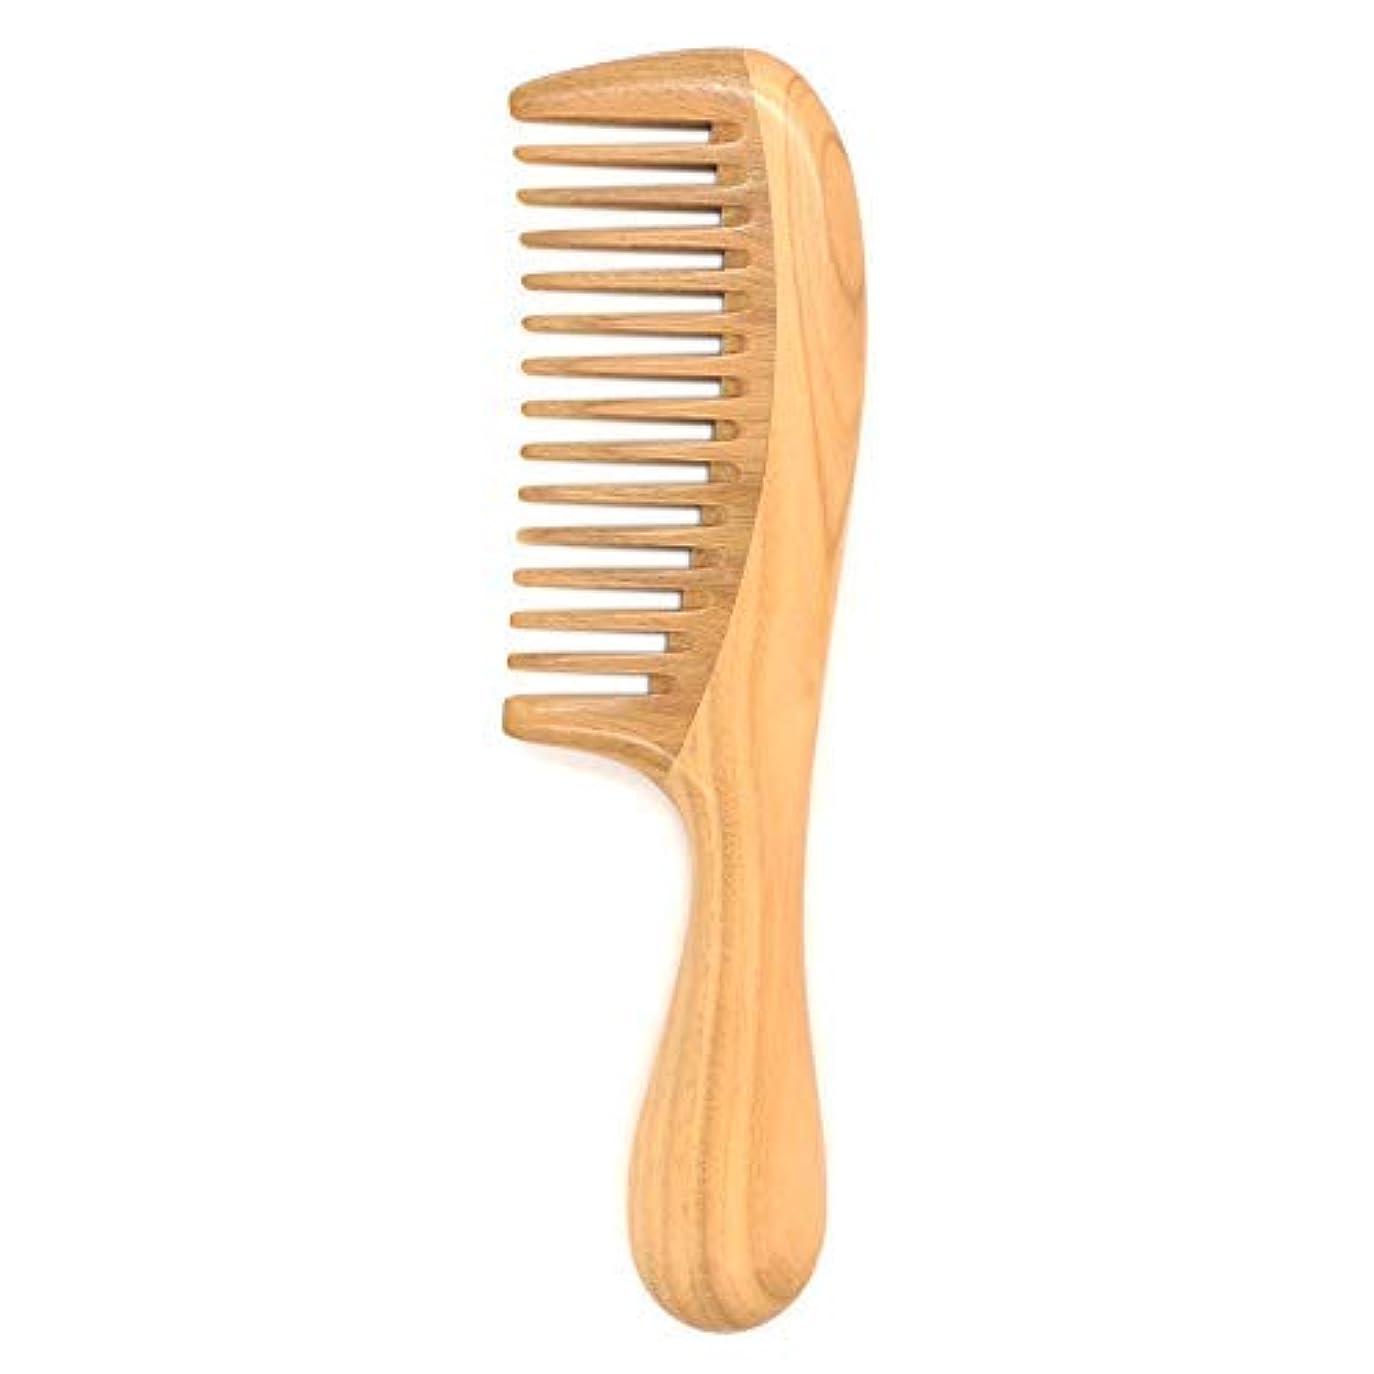 レーザ反映する調停するTinfun Natural Green Sandalwood Hair Comb Wooden Comb (Wide Tooth) for Curly Hair Detangling - No Static, Prevent...